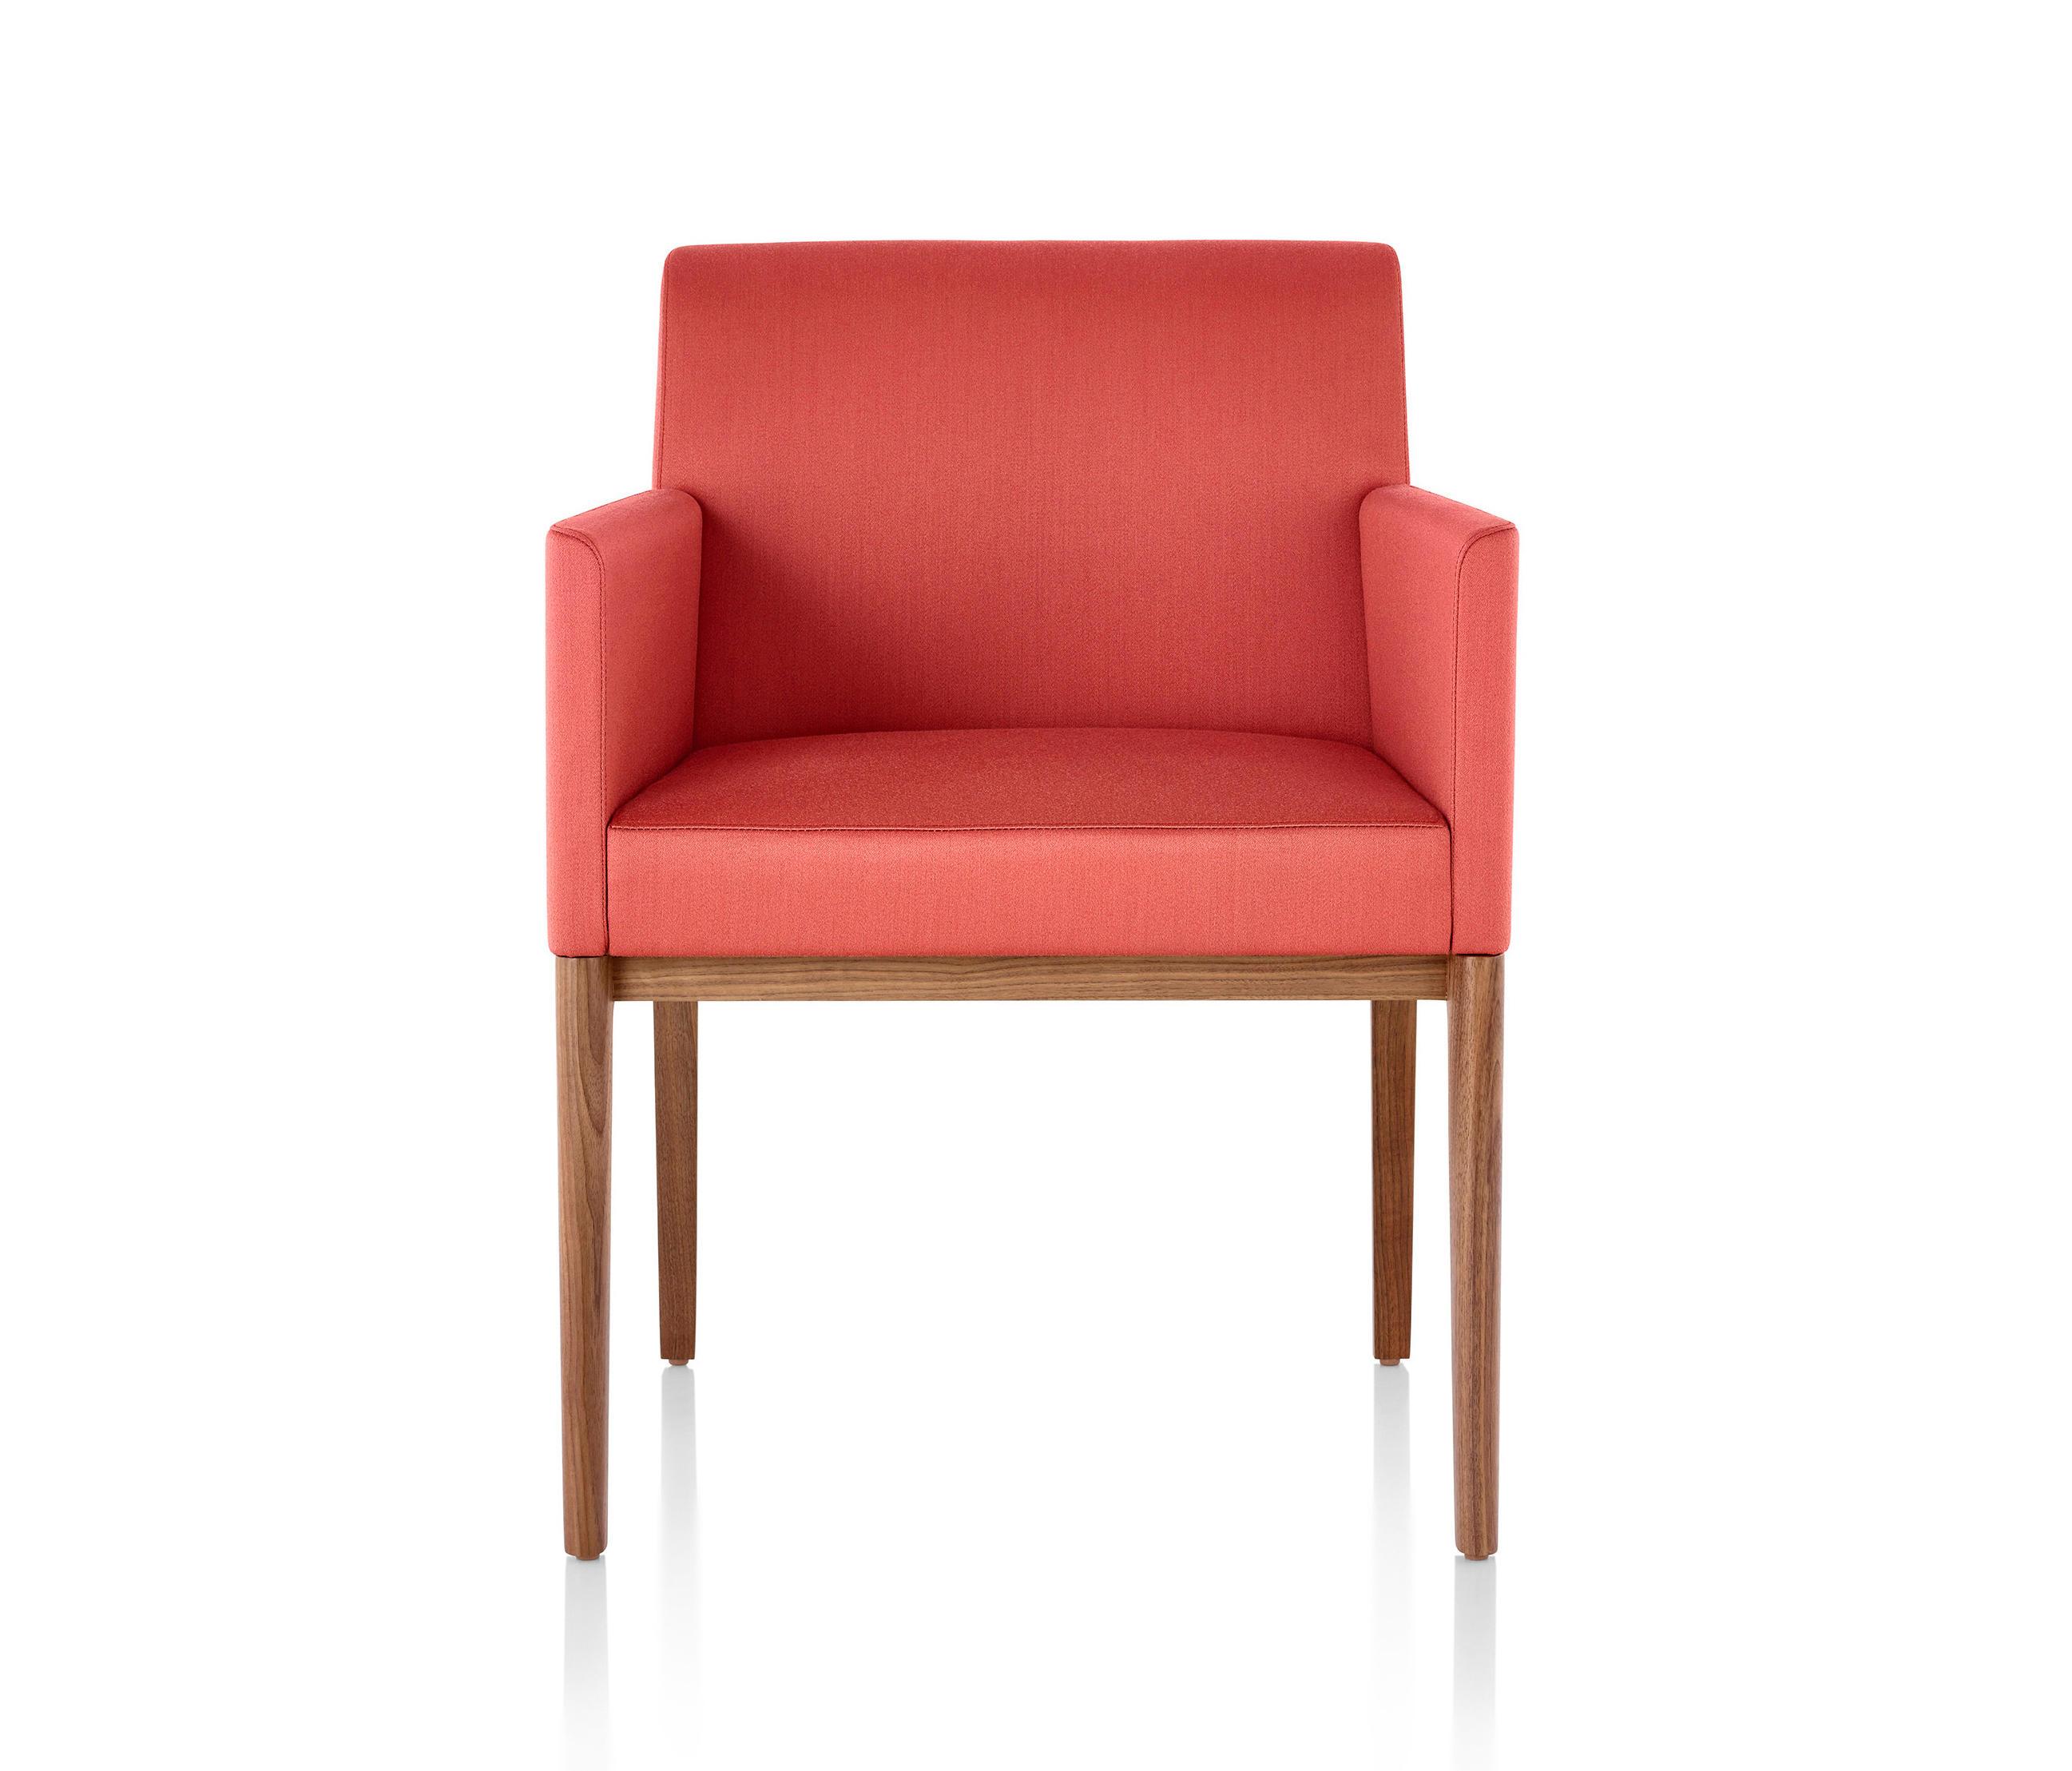 nessel chair von herman miller restaurantsthle - Herman Miller Tischsysteme